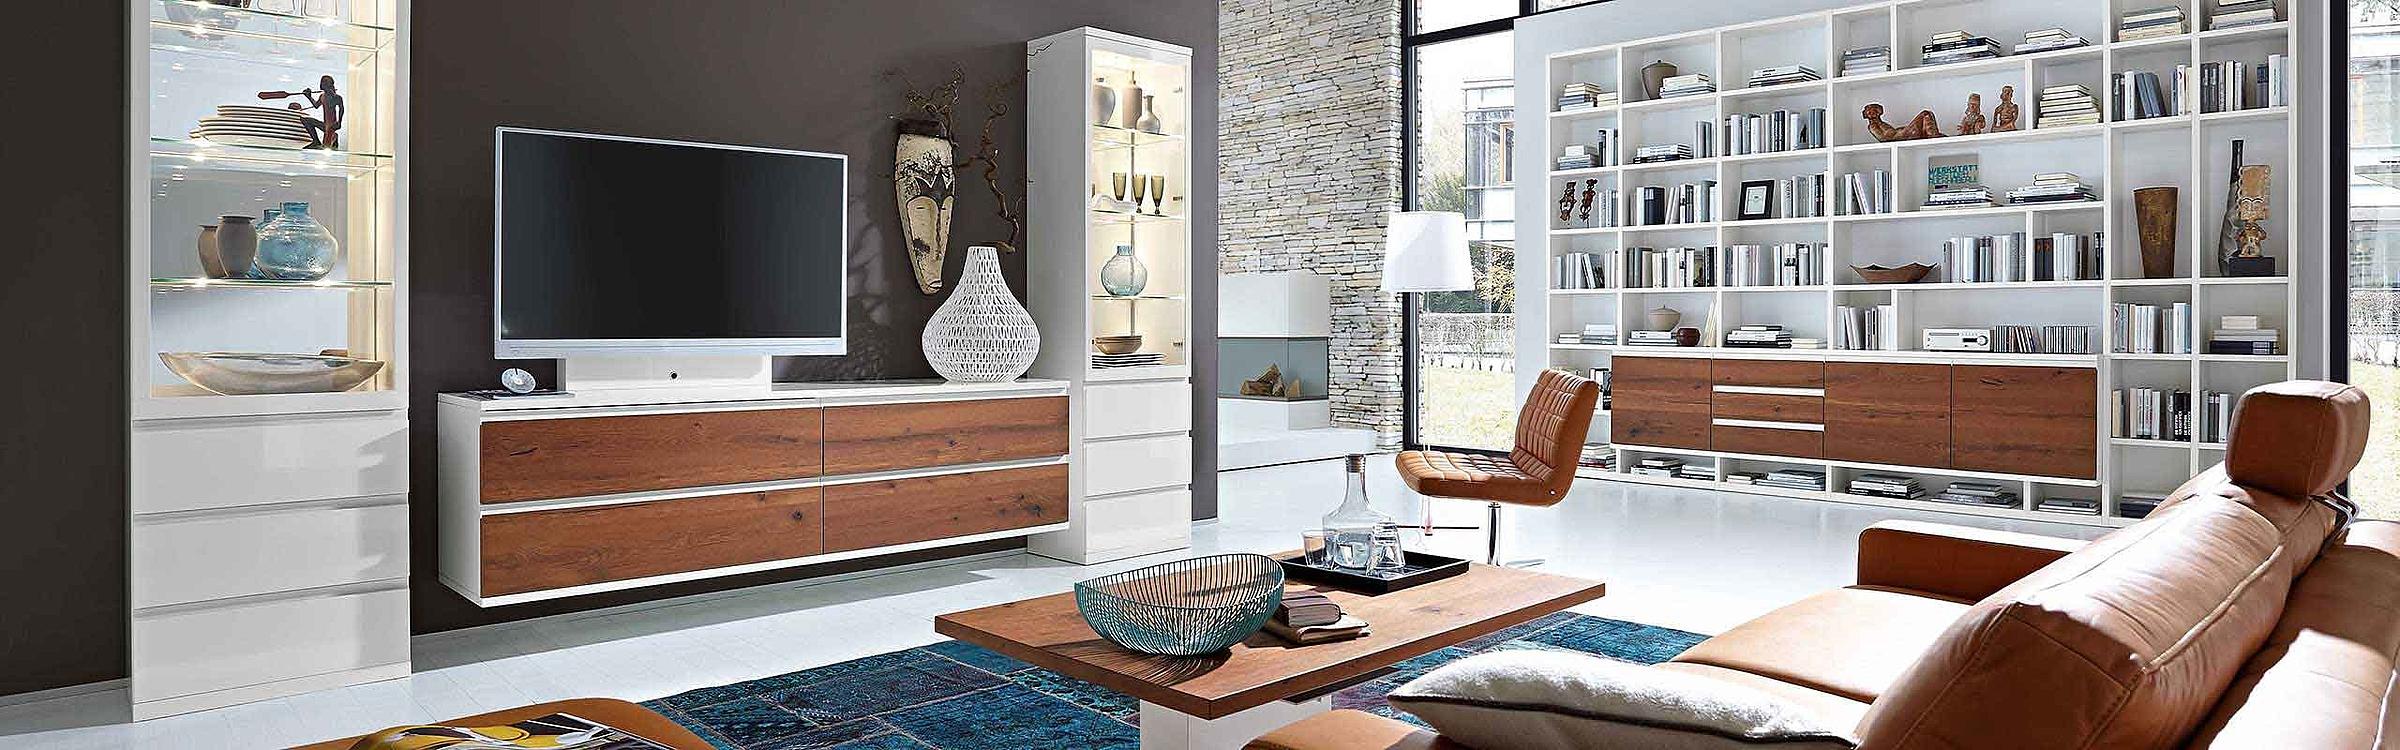 Wohnwand Couchtisch Wohnzimmer Enjoy